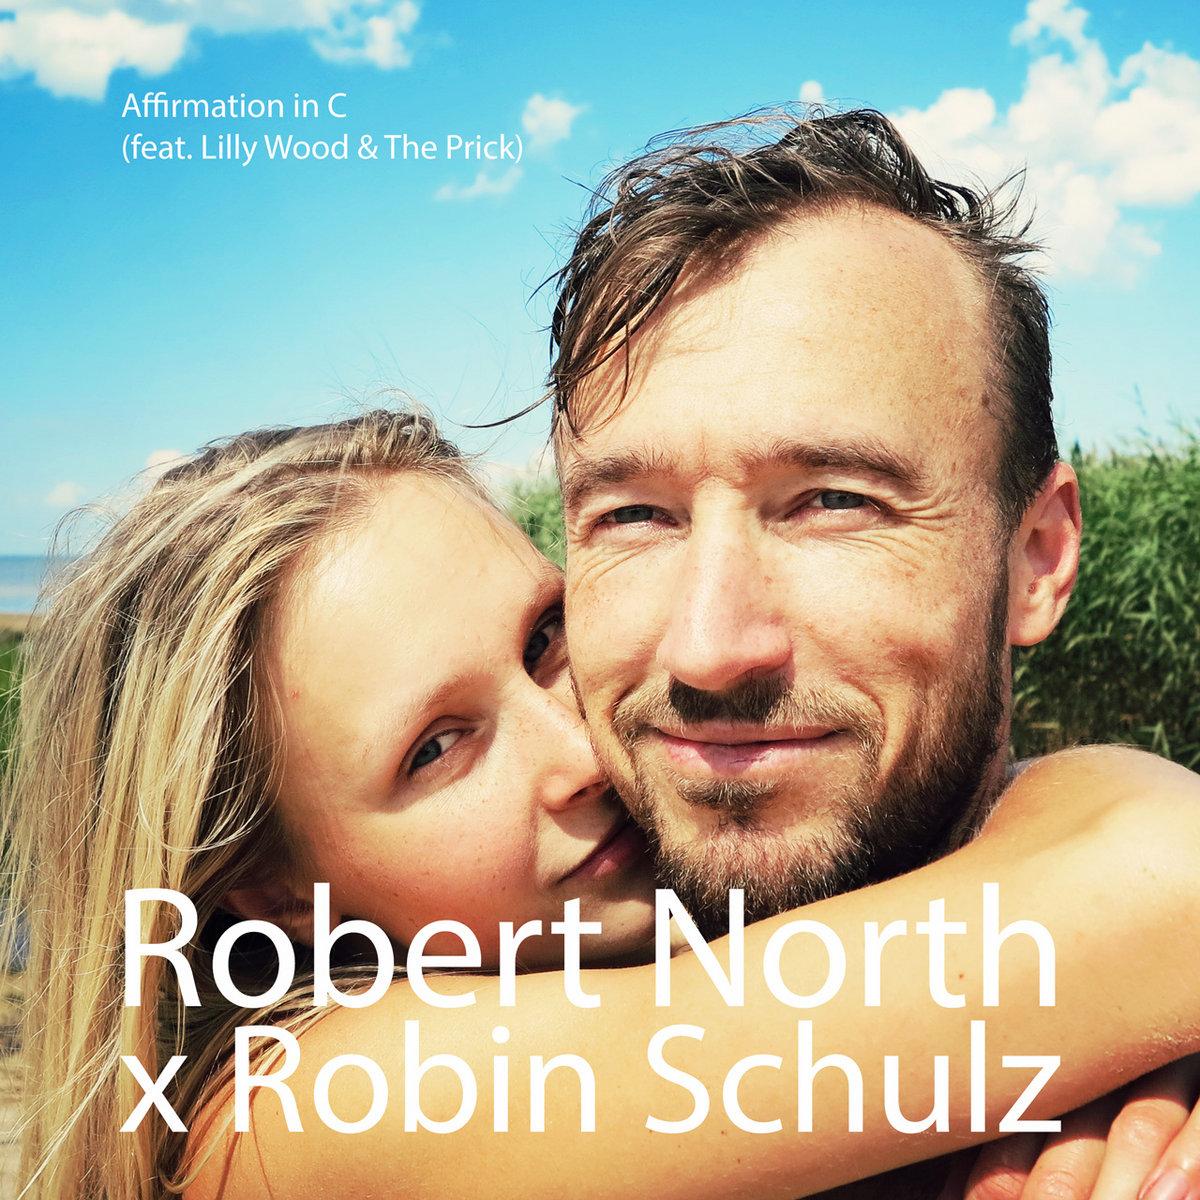 prayer in c (robin schulz remix) mp3